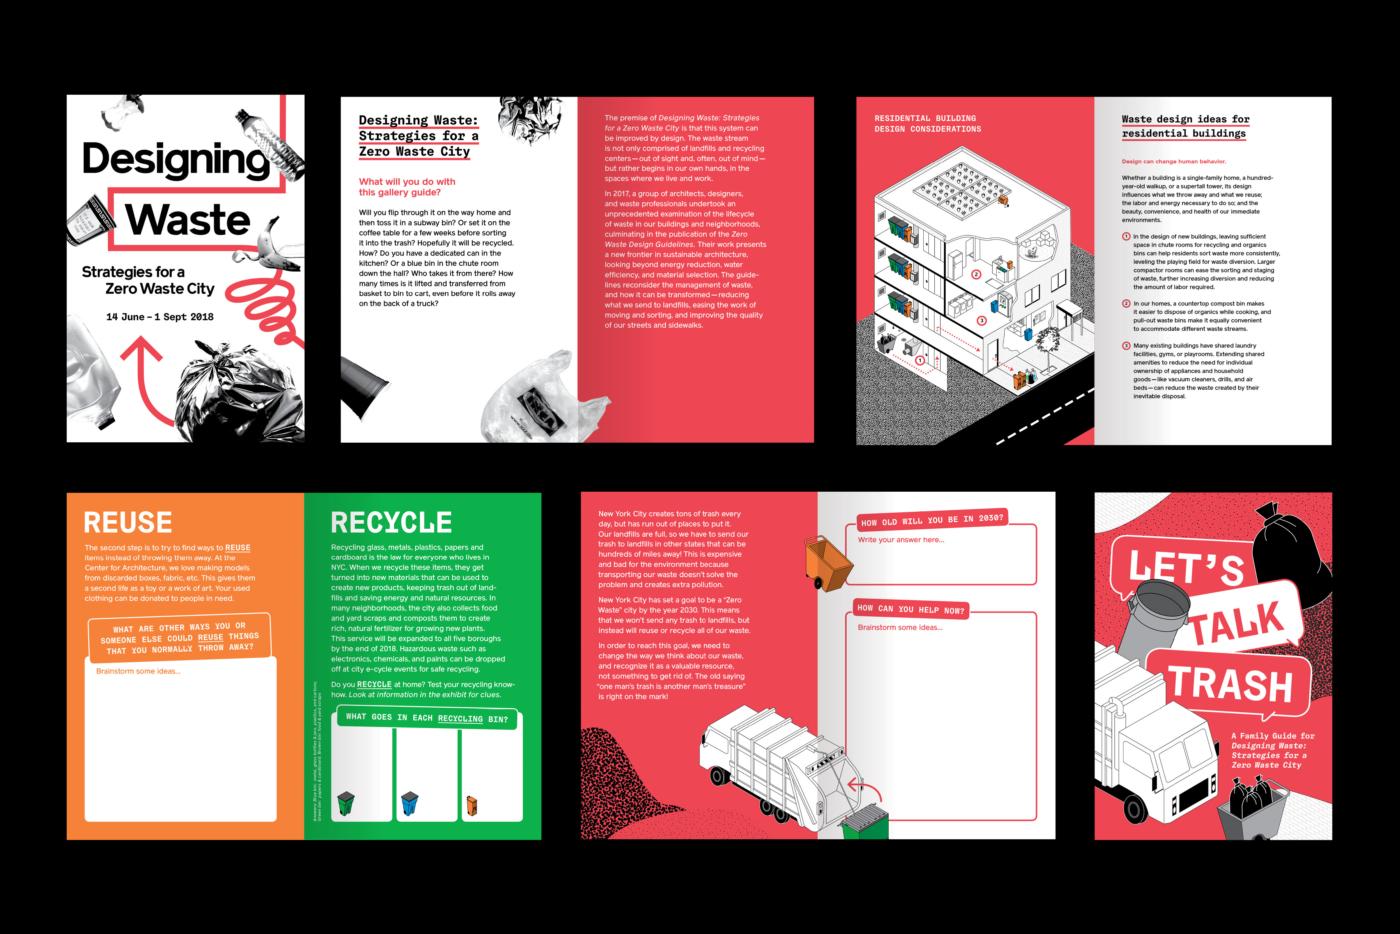 Llwebsite Designingwaste23